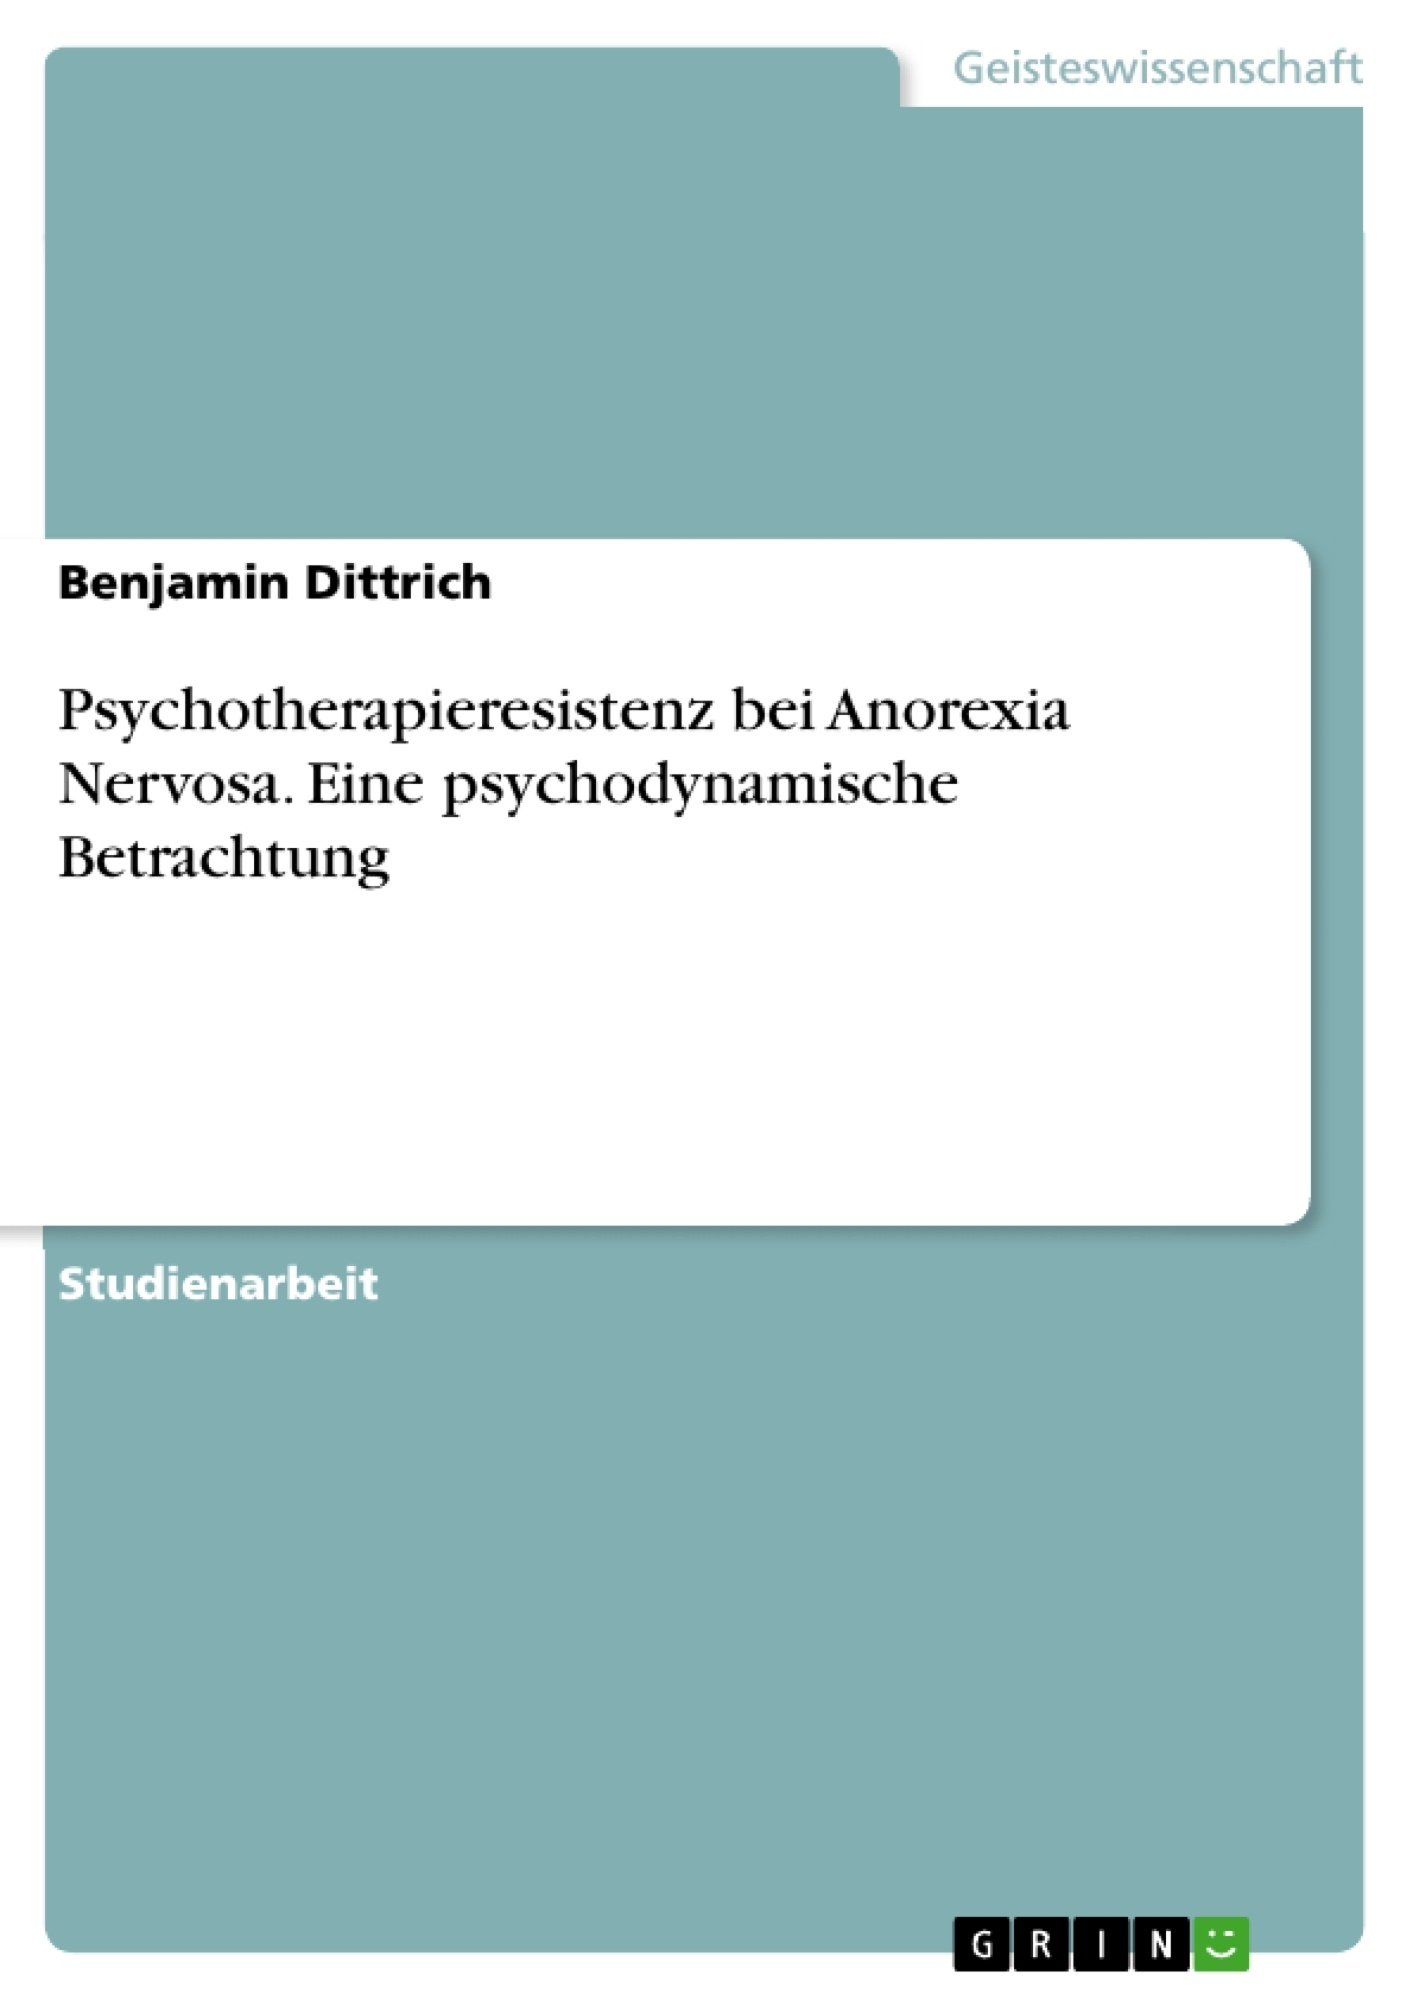 Titel: Psychotherapieresistenz bei Anorexia Nervosa. Eine psychodynamische Betrachtung